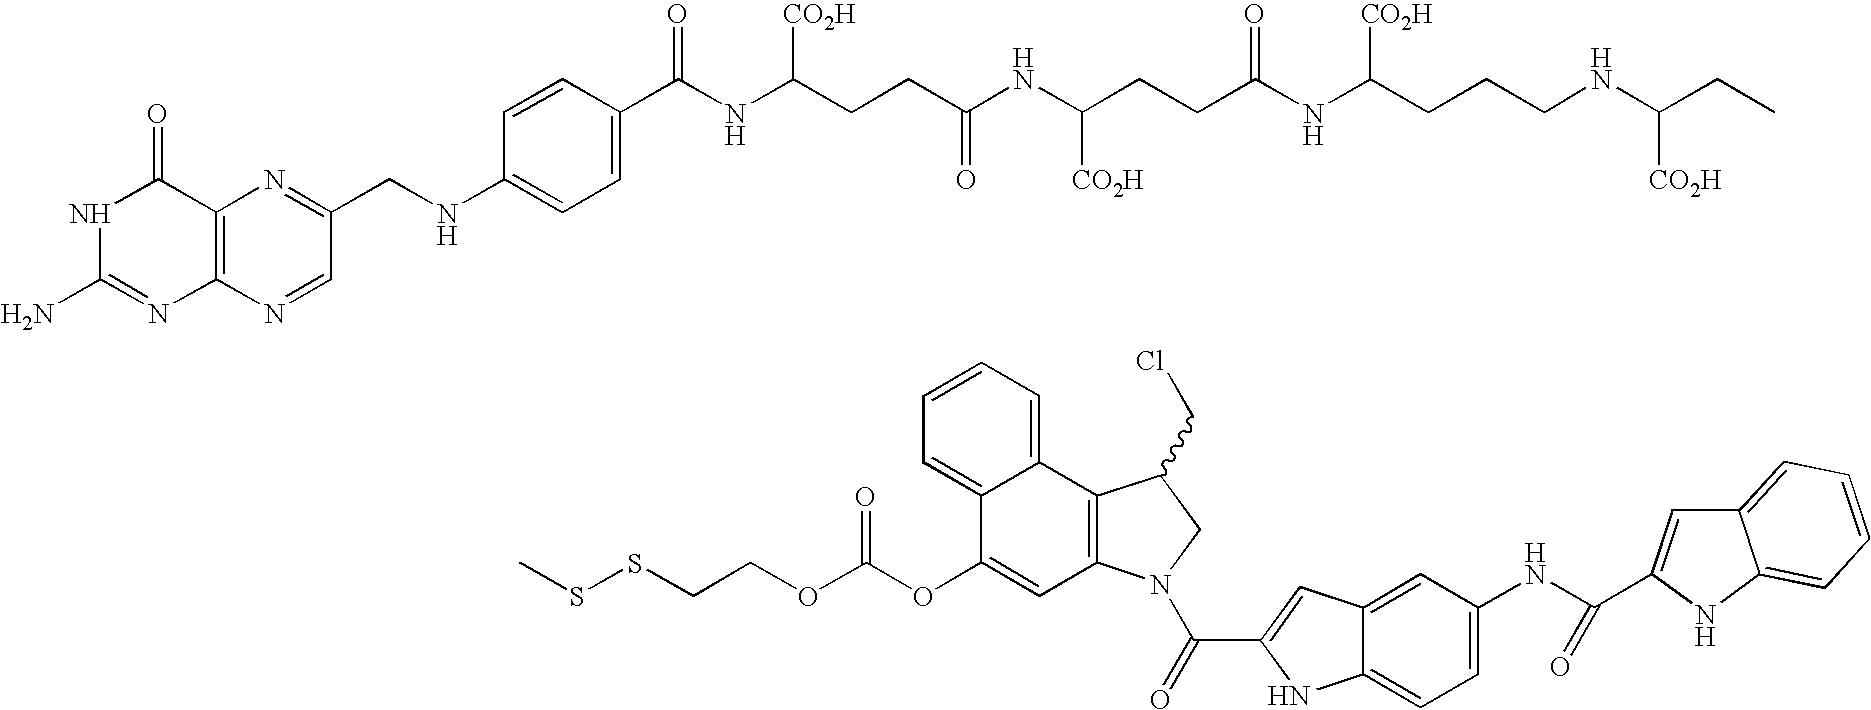 Figure US08105568-20120131-C00148